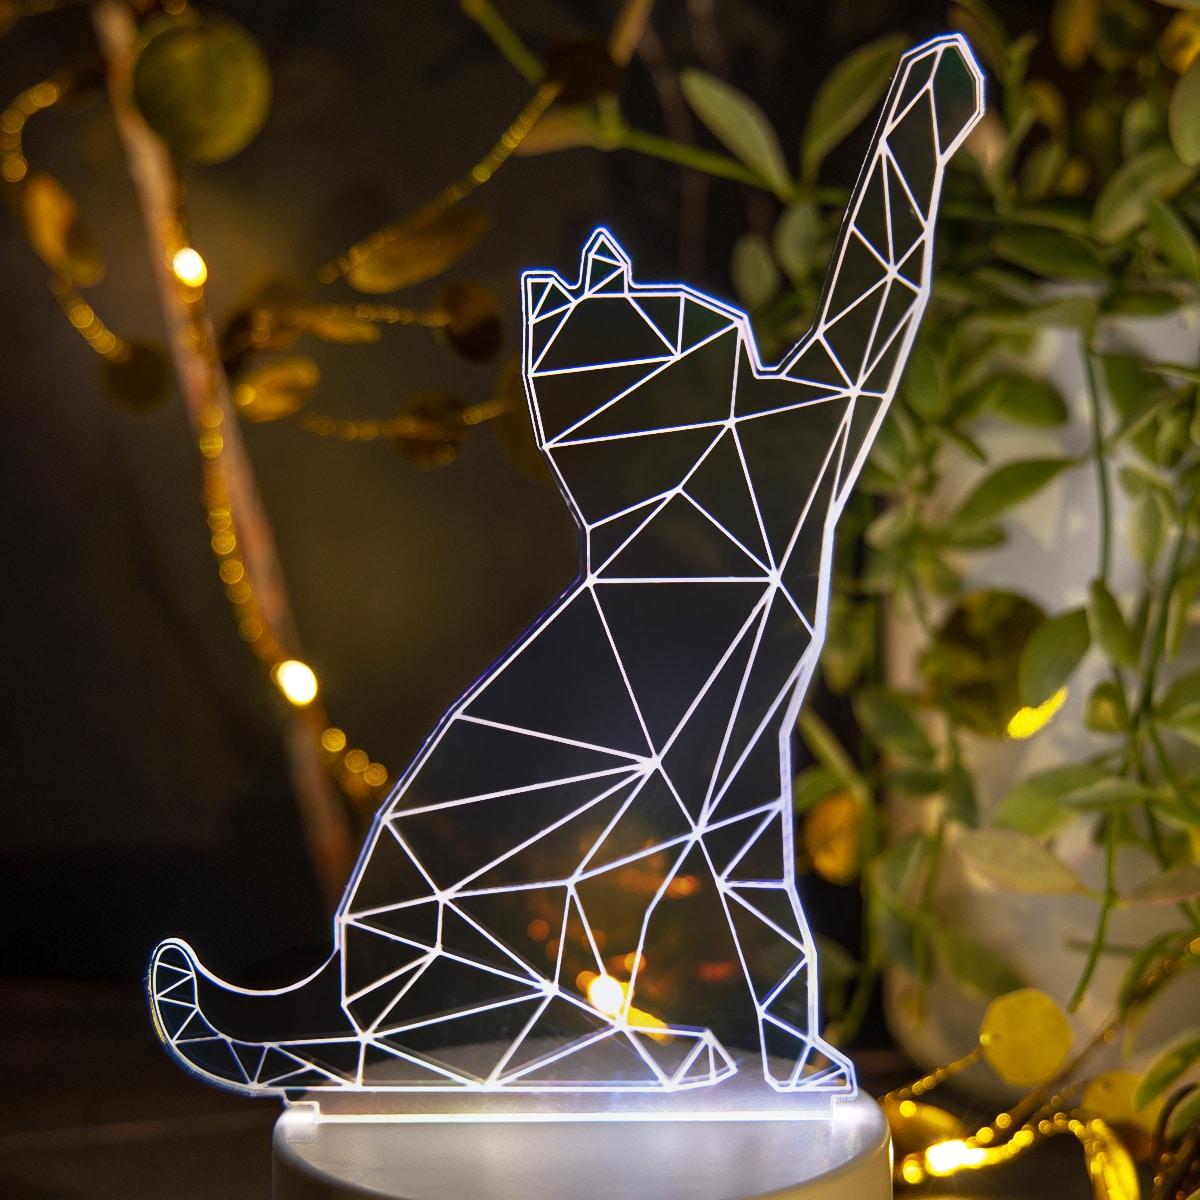 1 Stück 3 farbveränderbares 3D-Licht mit Katze Design